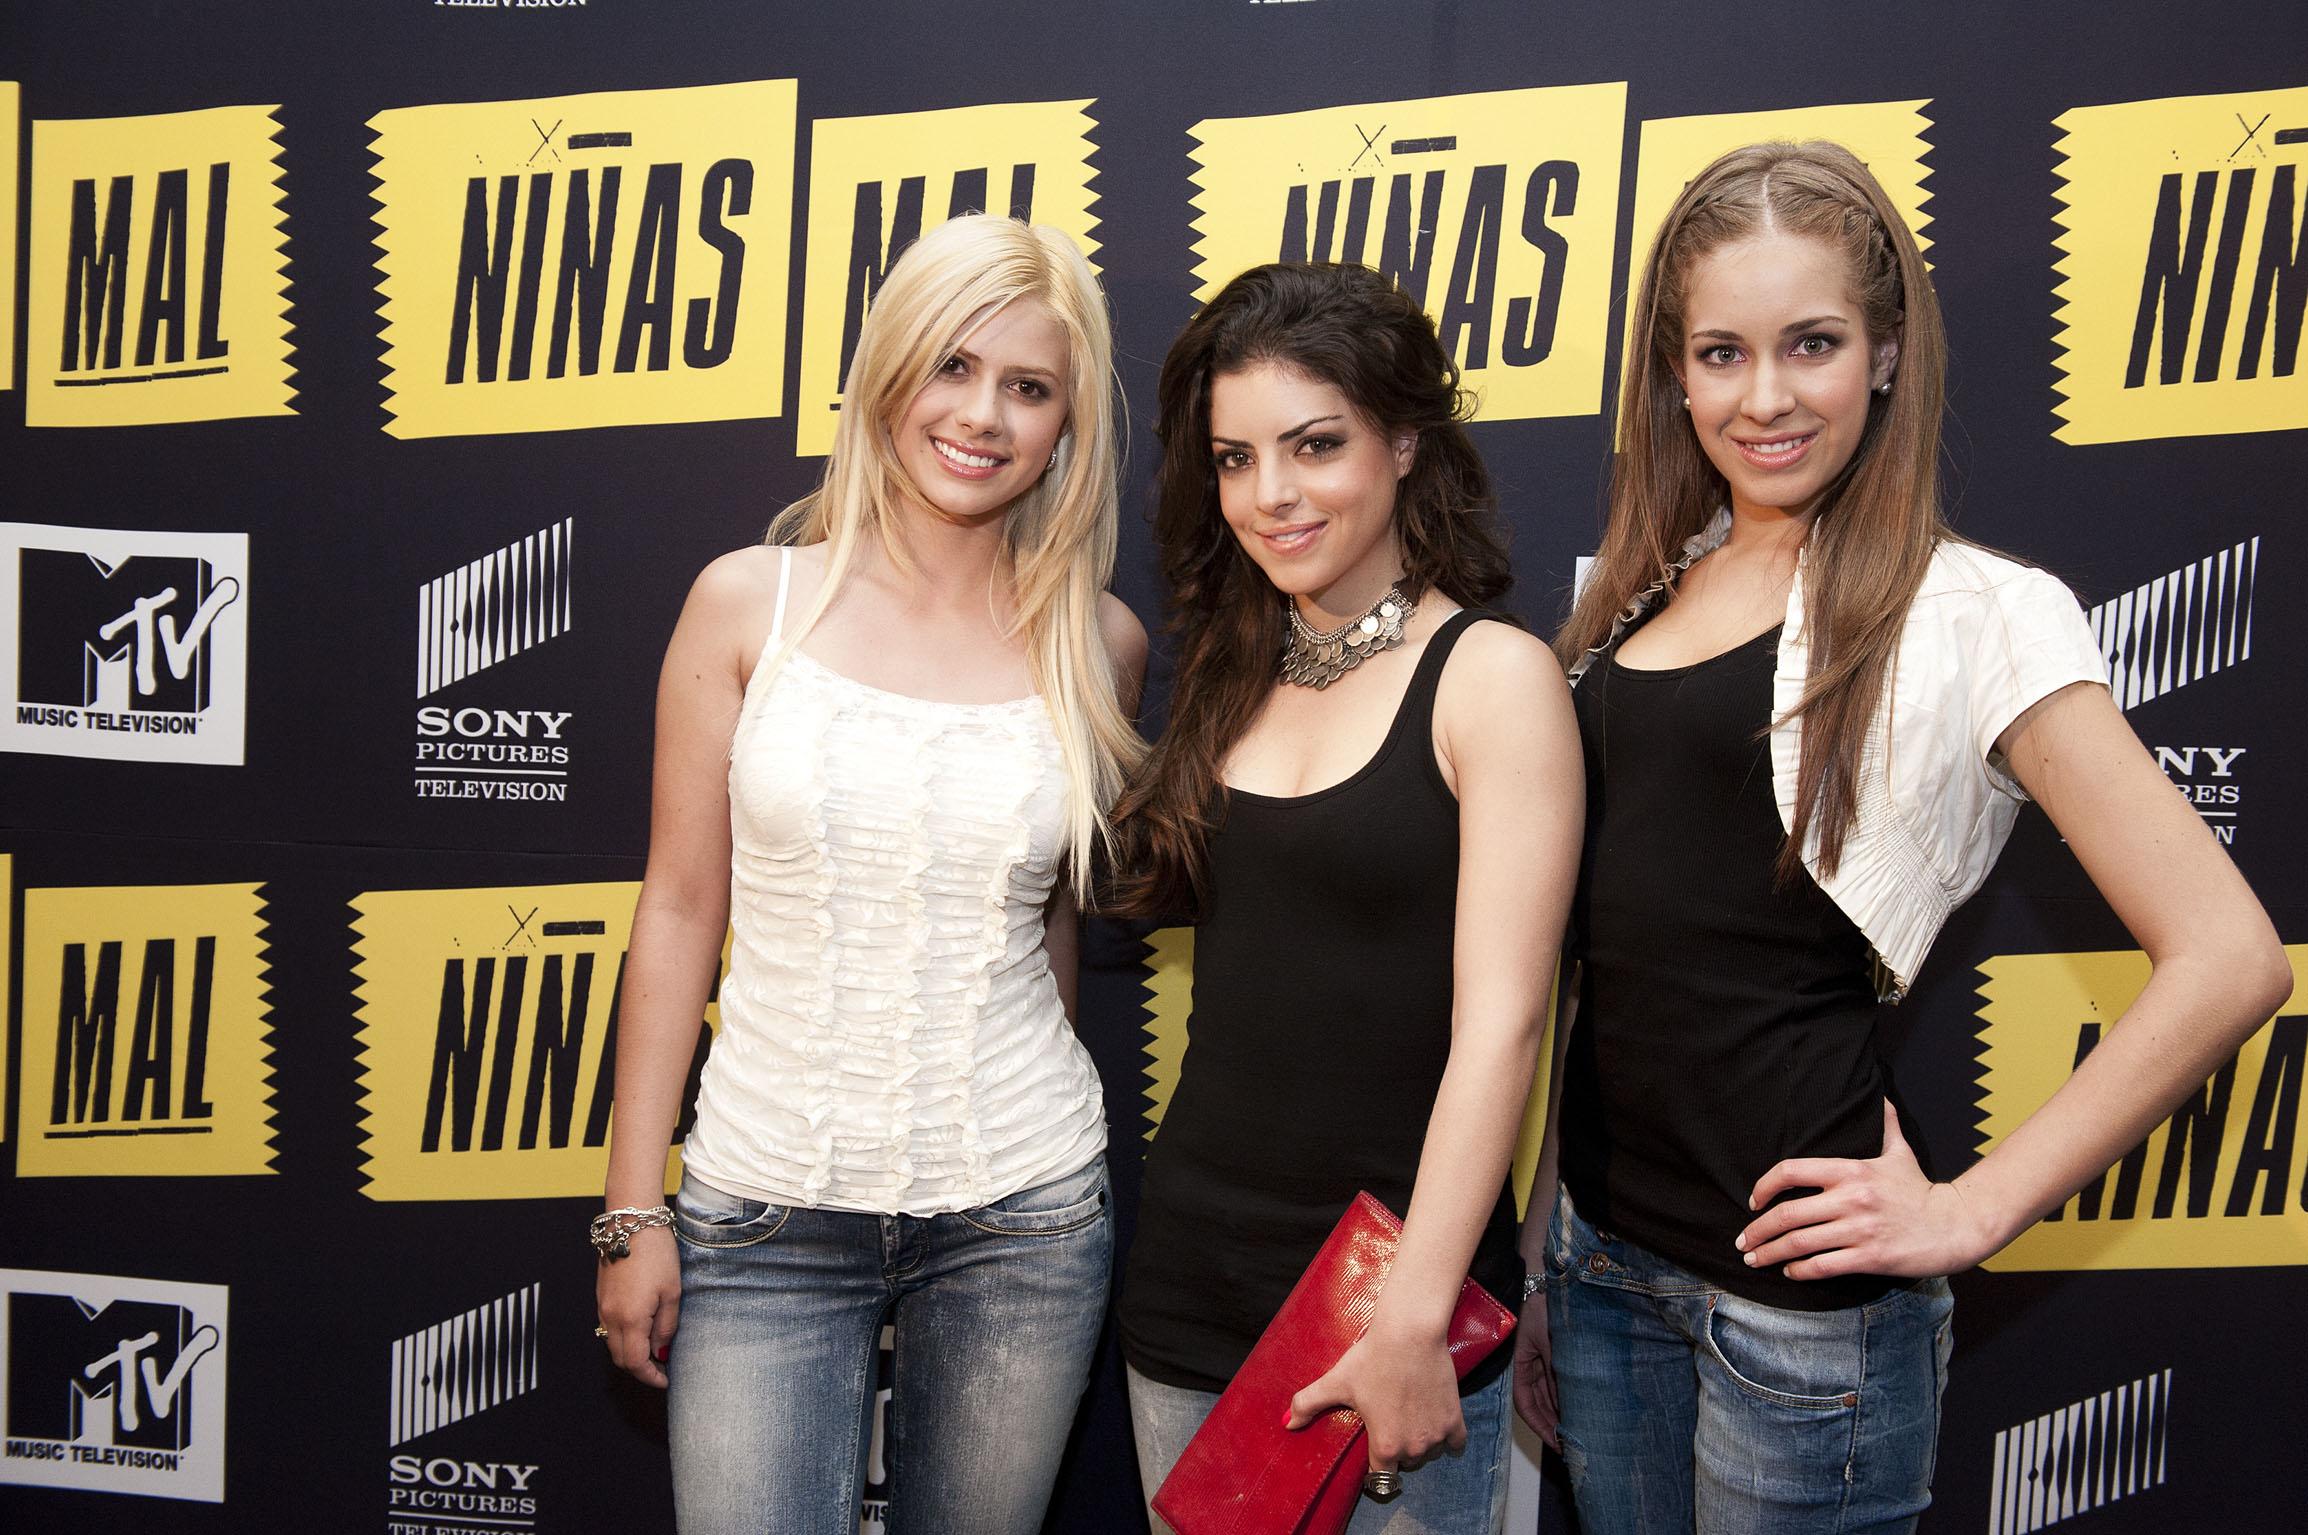 la busqueda de independencia la rebeldia de un trio de chicas de alta ...